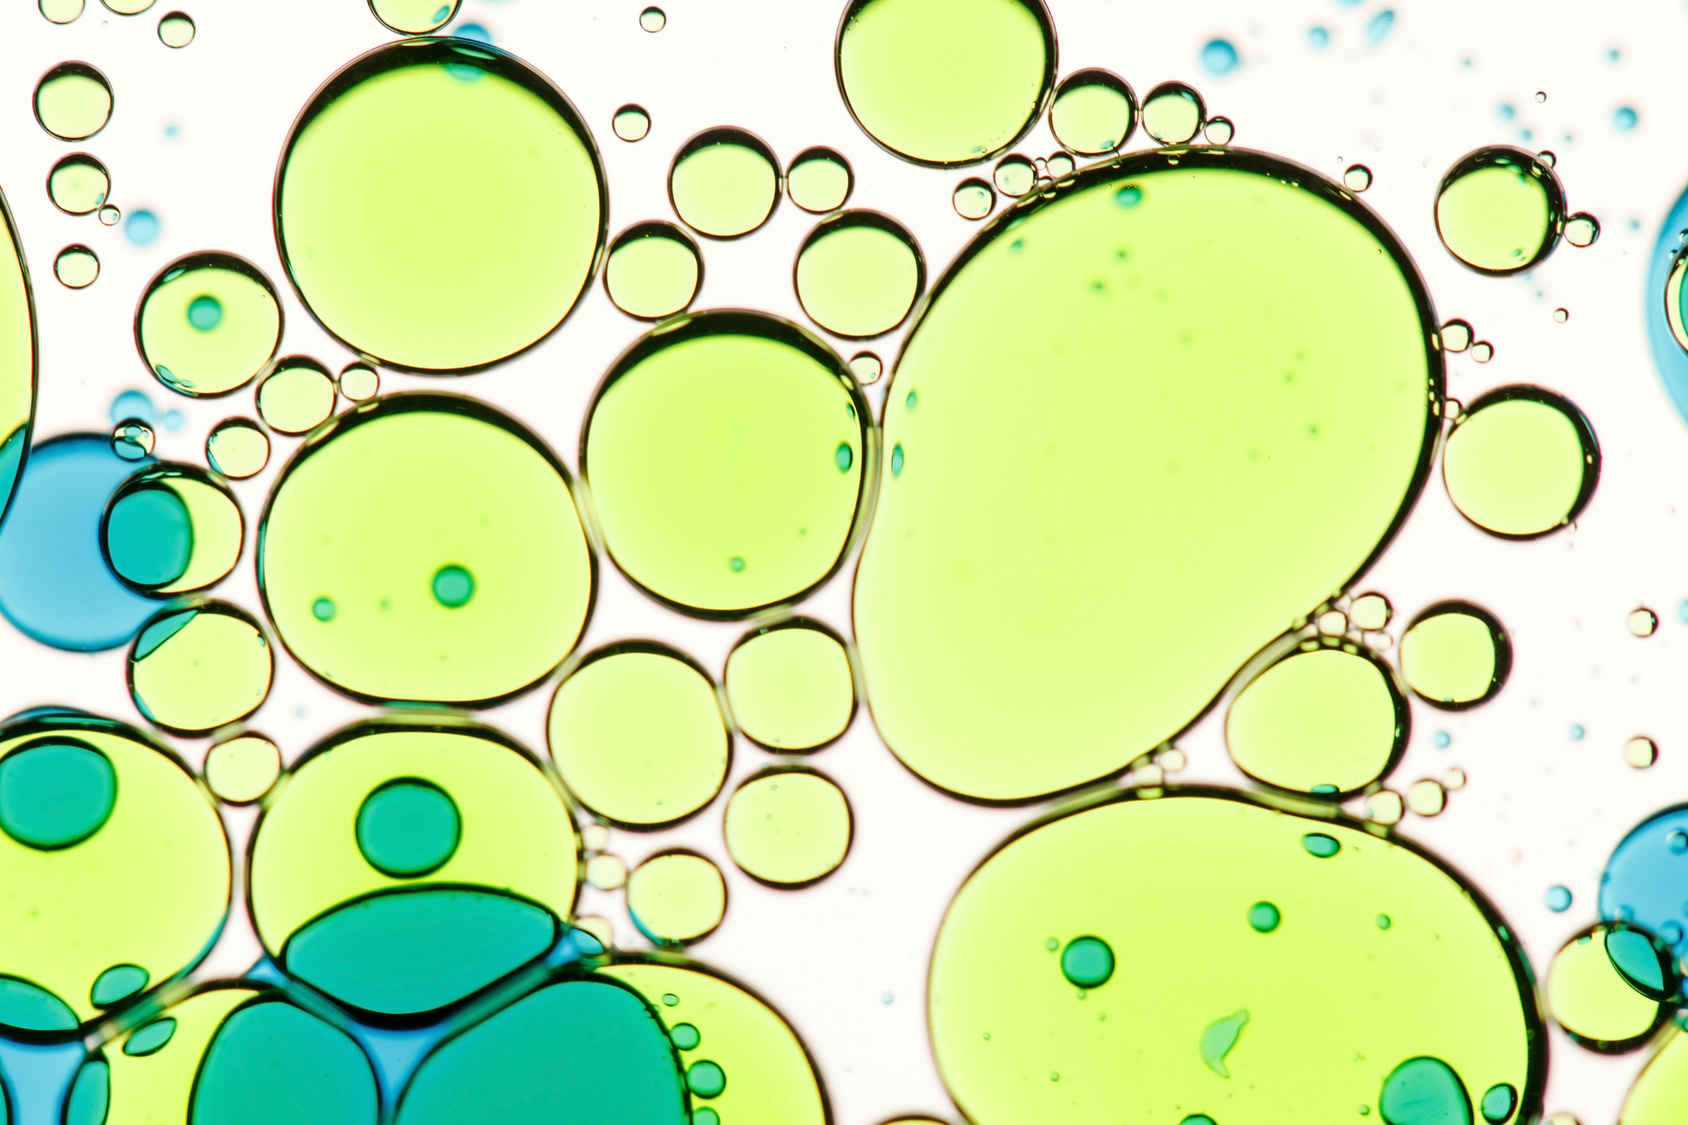 Gelbe Phospholipide Blasen im Wasser